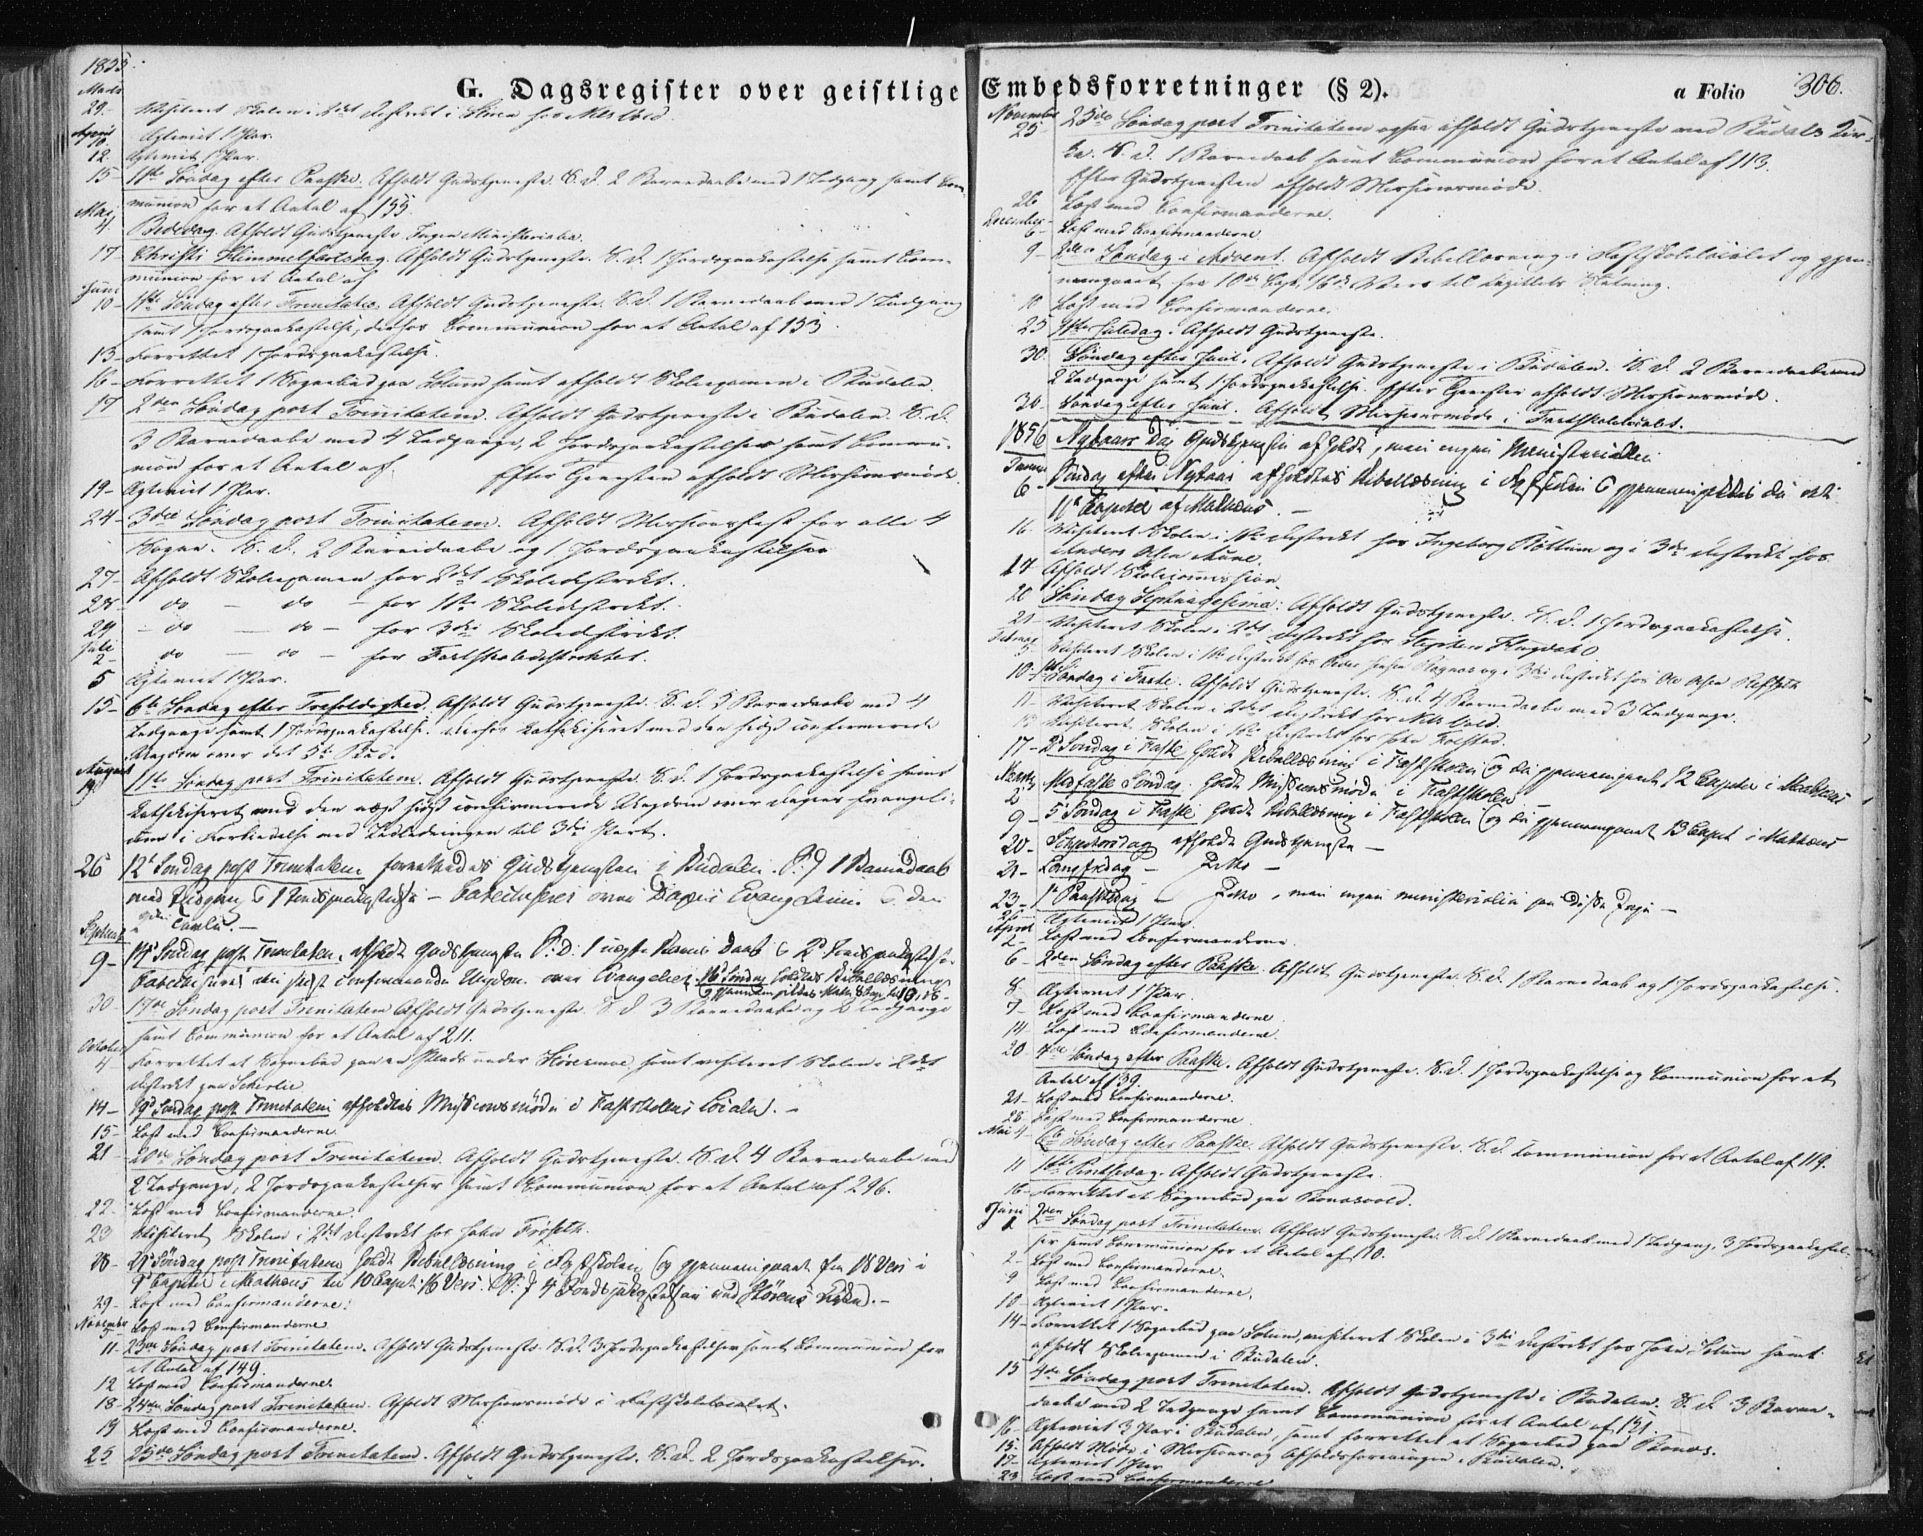 SAT, Ministerialprotokoller, klokkerbøker og fødselsregistre - Sør-Trøndelag, 687/L1000: Ministerialbok nr. 687A06, 1848-1869, s. 306